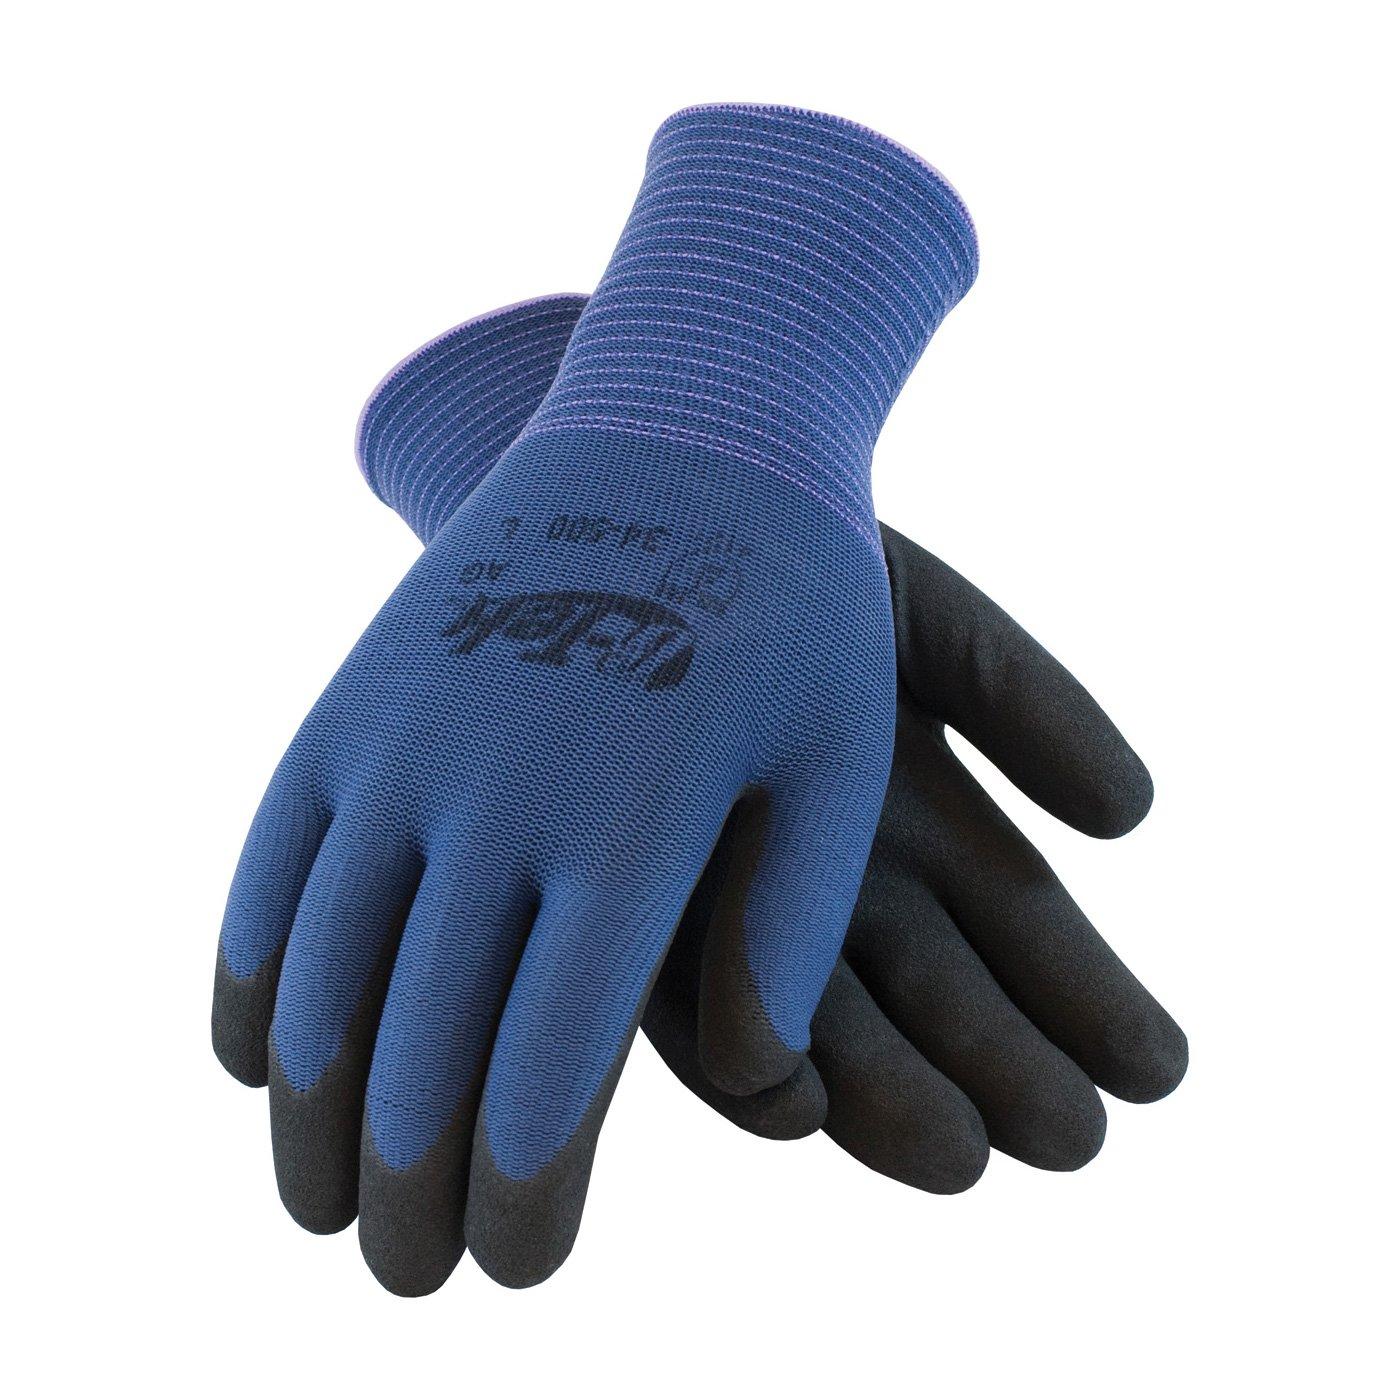 PIP 34-500/M G-Tek AG Medium Coated Work Gloves